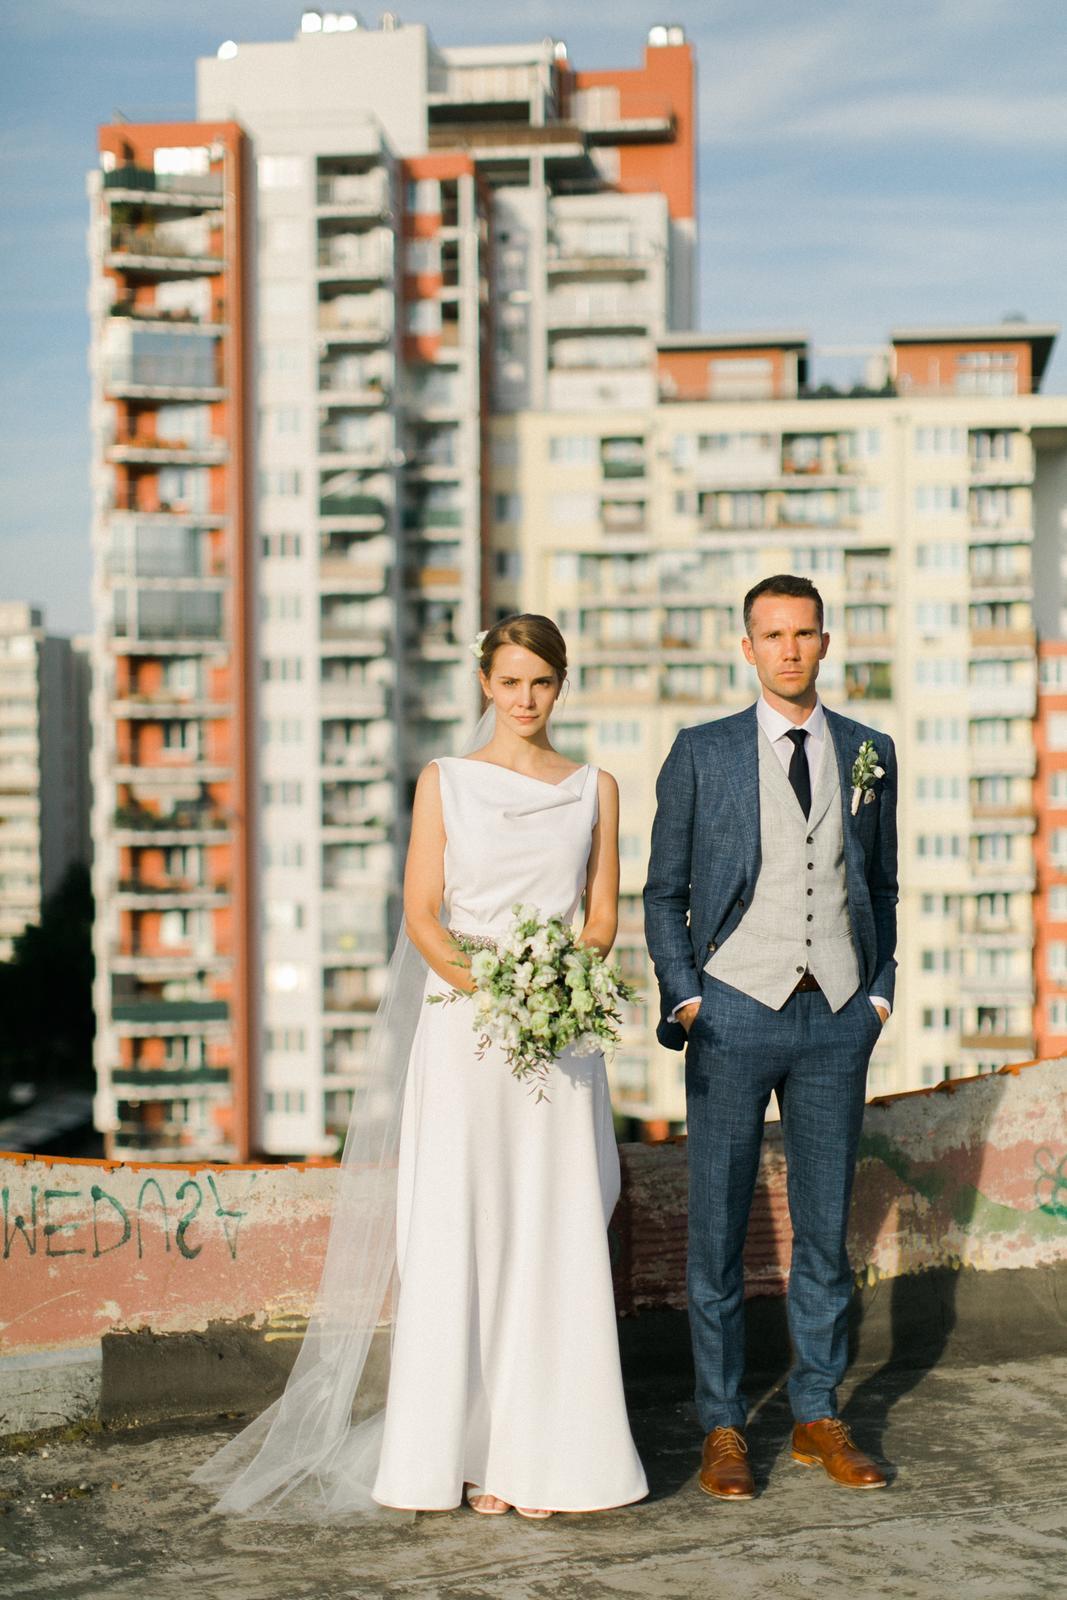 Janka & Marian - Obrázek č. 4